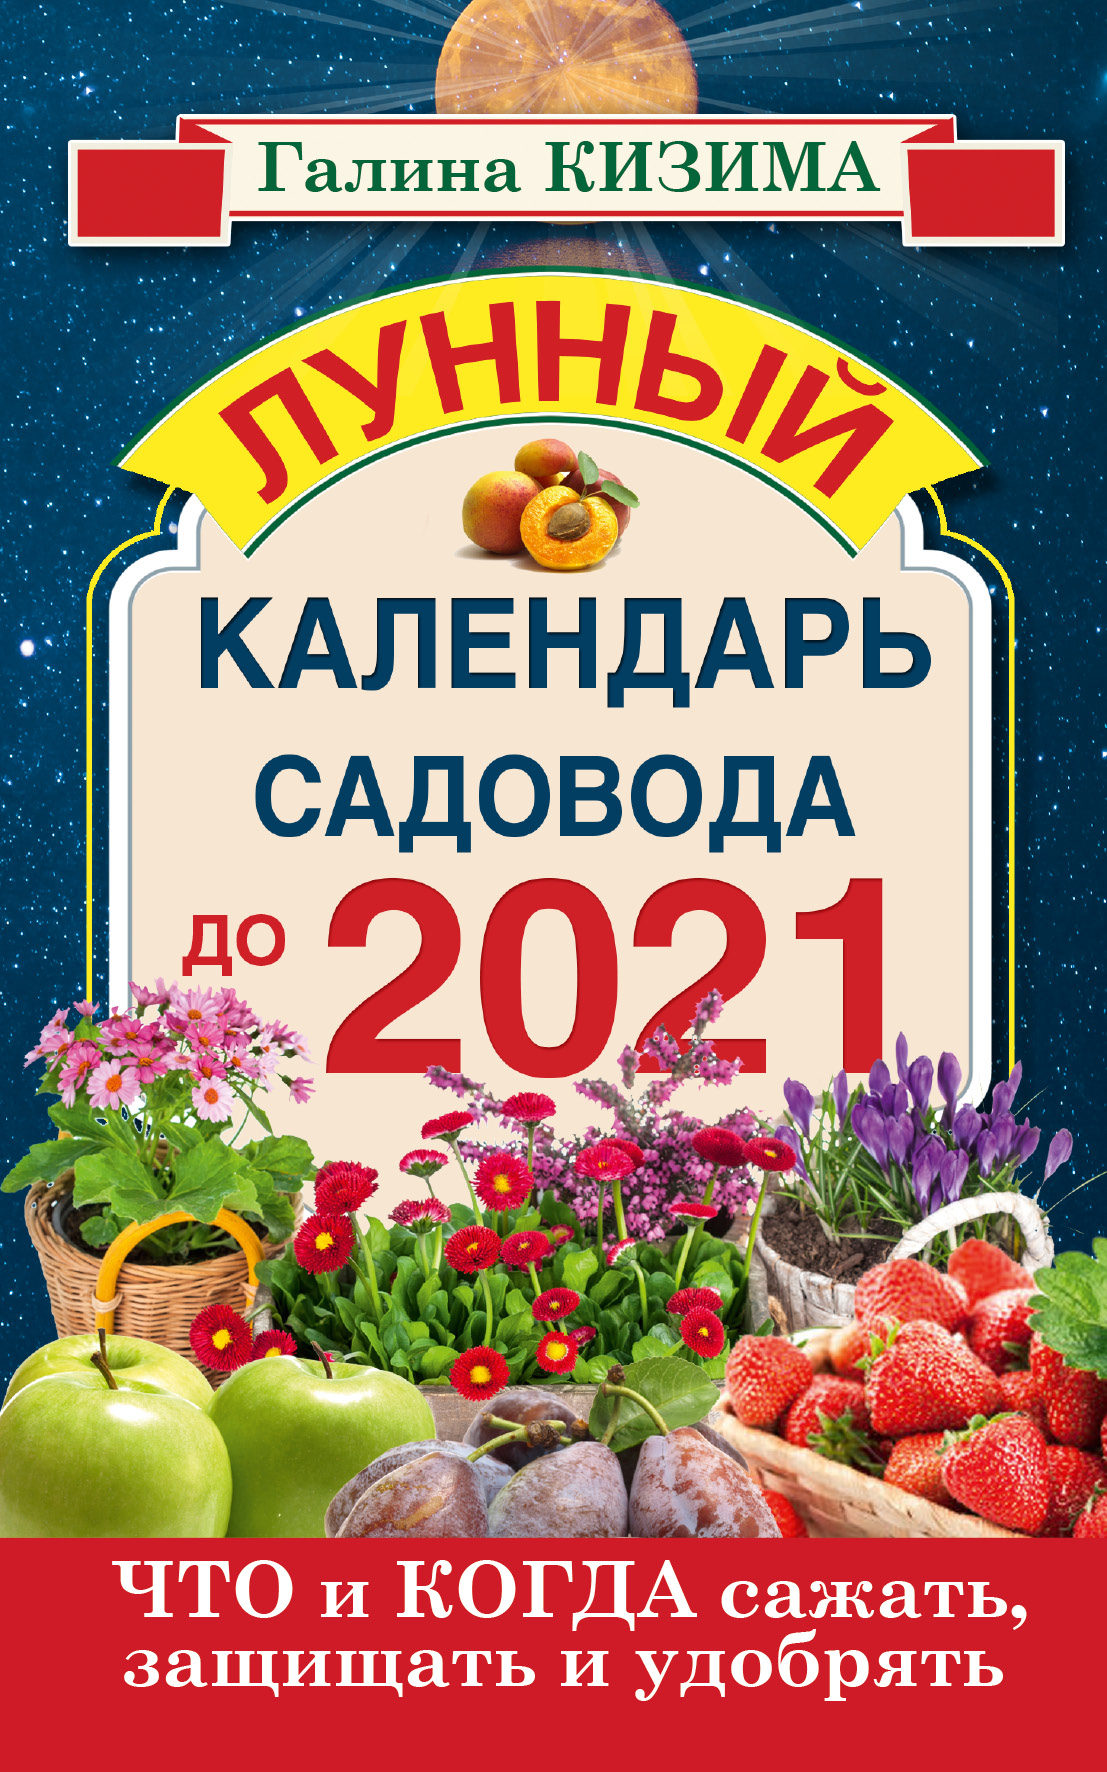 Что и когда сажать, защищать и удобрять. Лунный календарь садовода до 2021 года